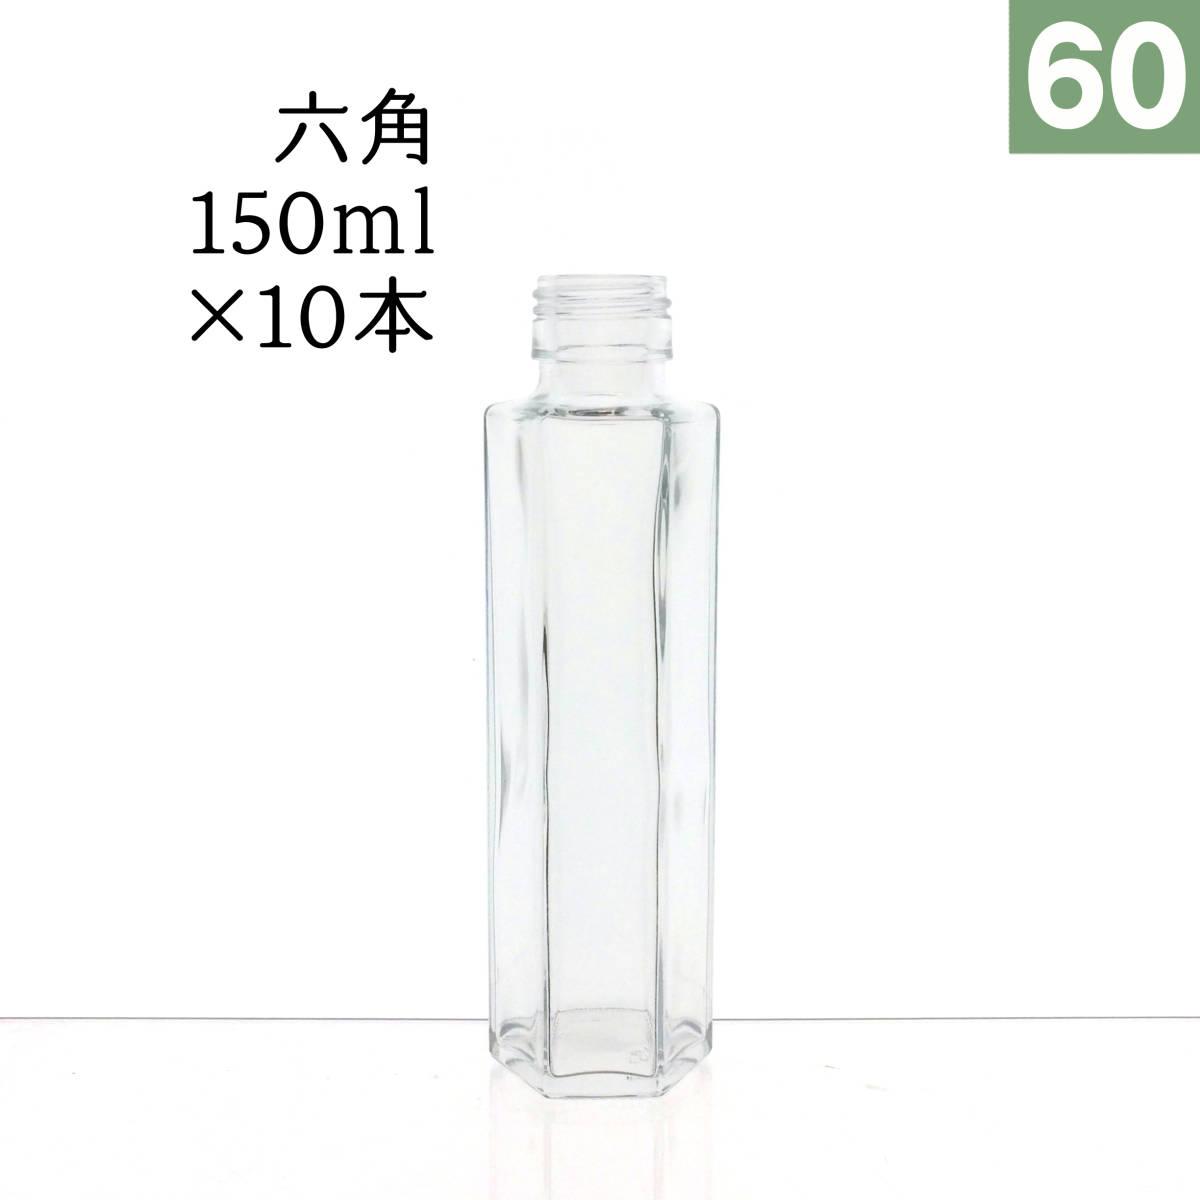 ハーバリウム瓶 六角150ml 10本 ☆☆_画像1